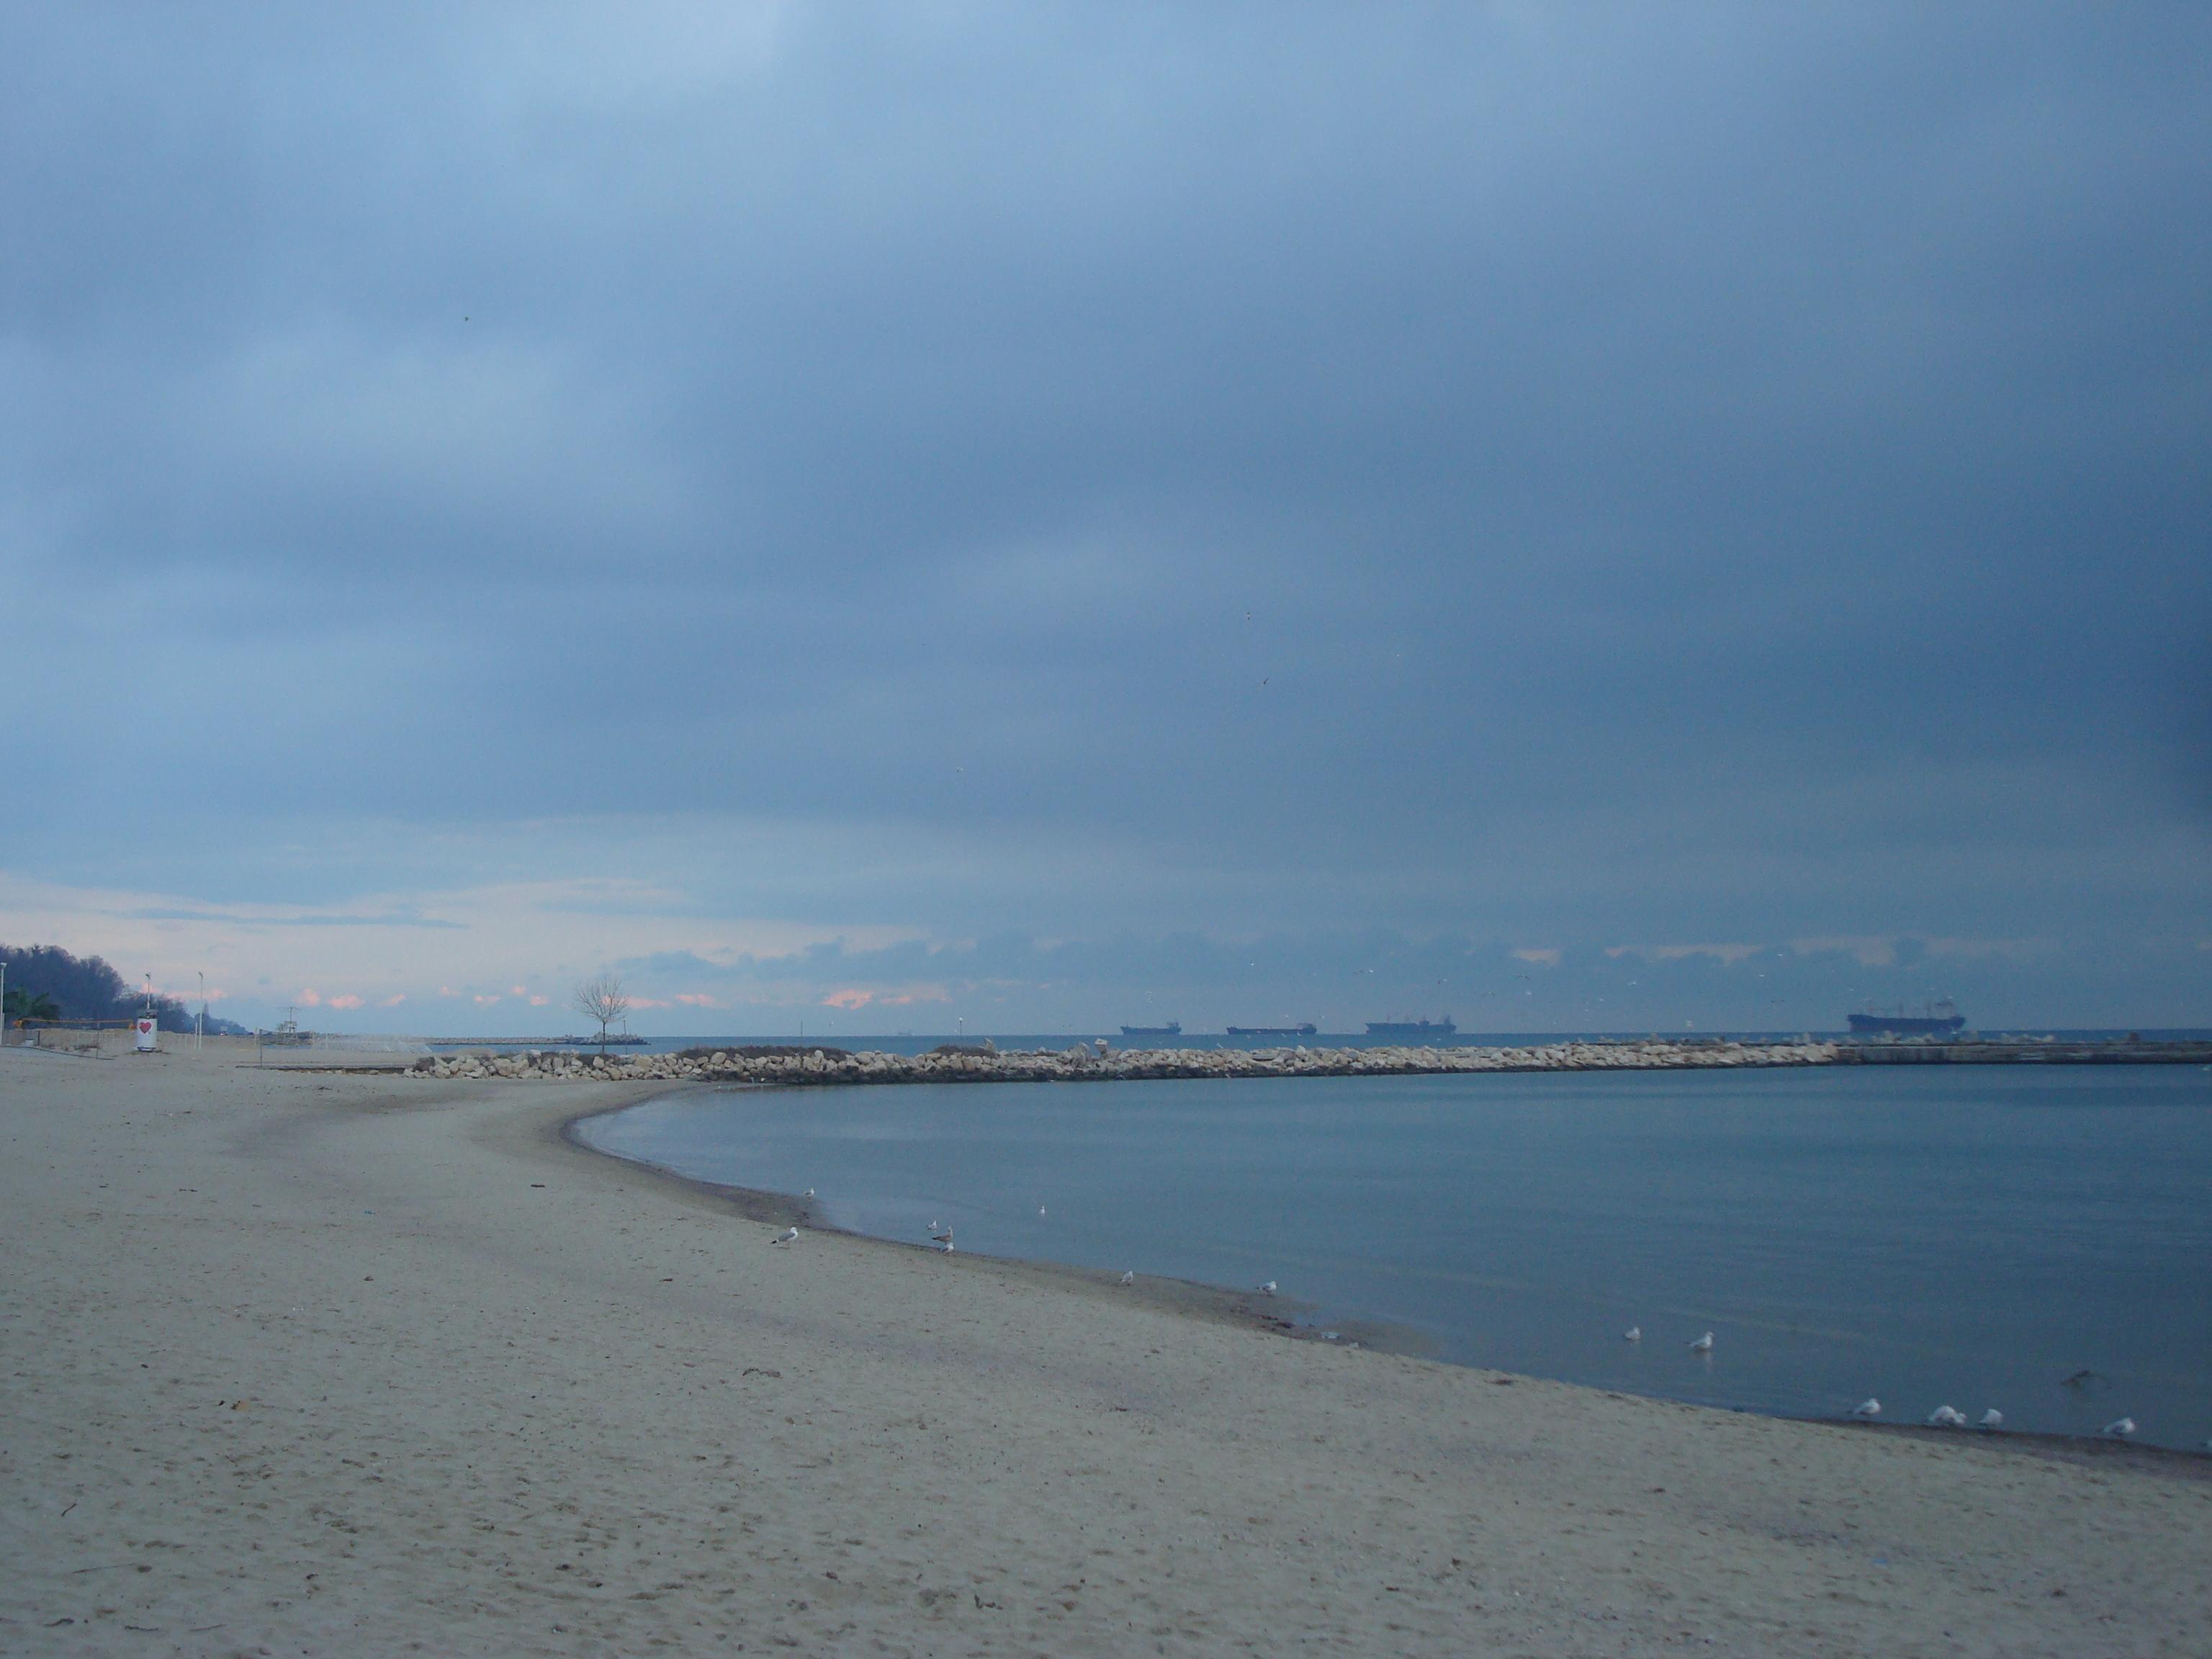 Varna black sea coast photo